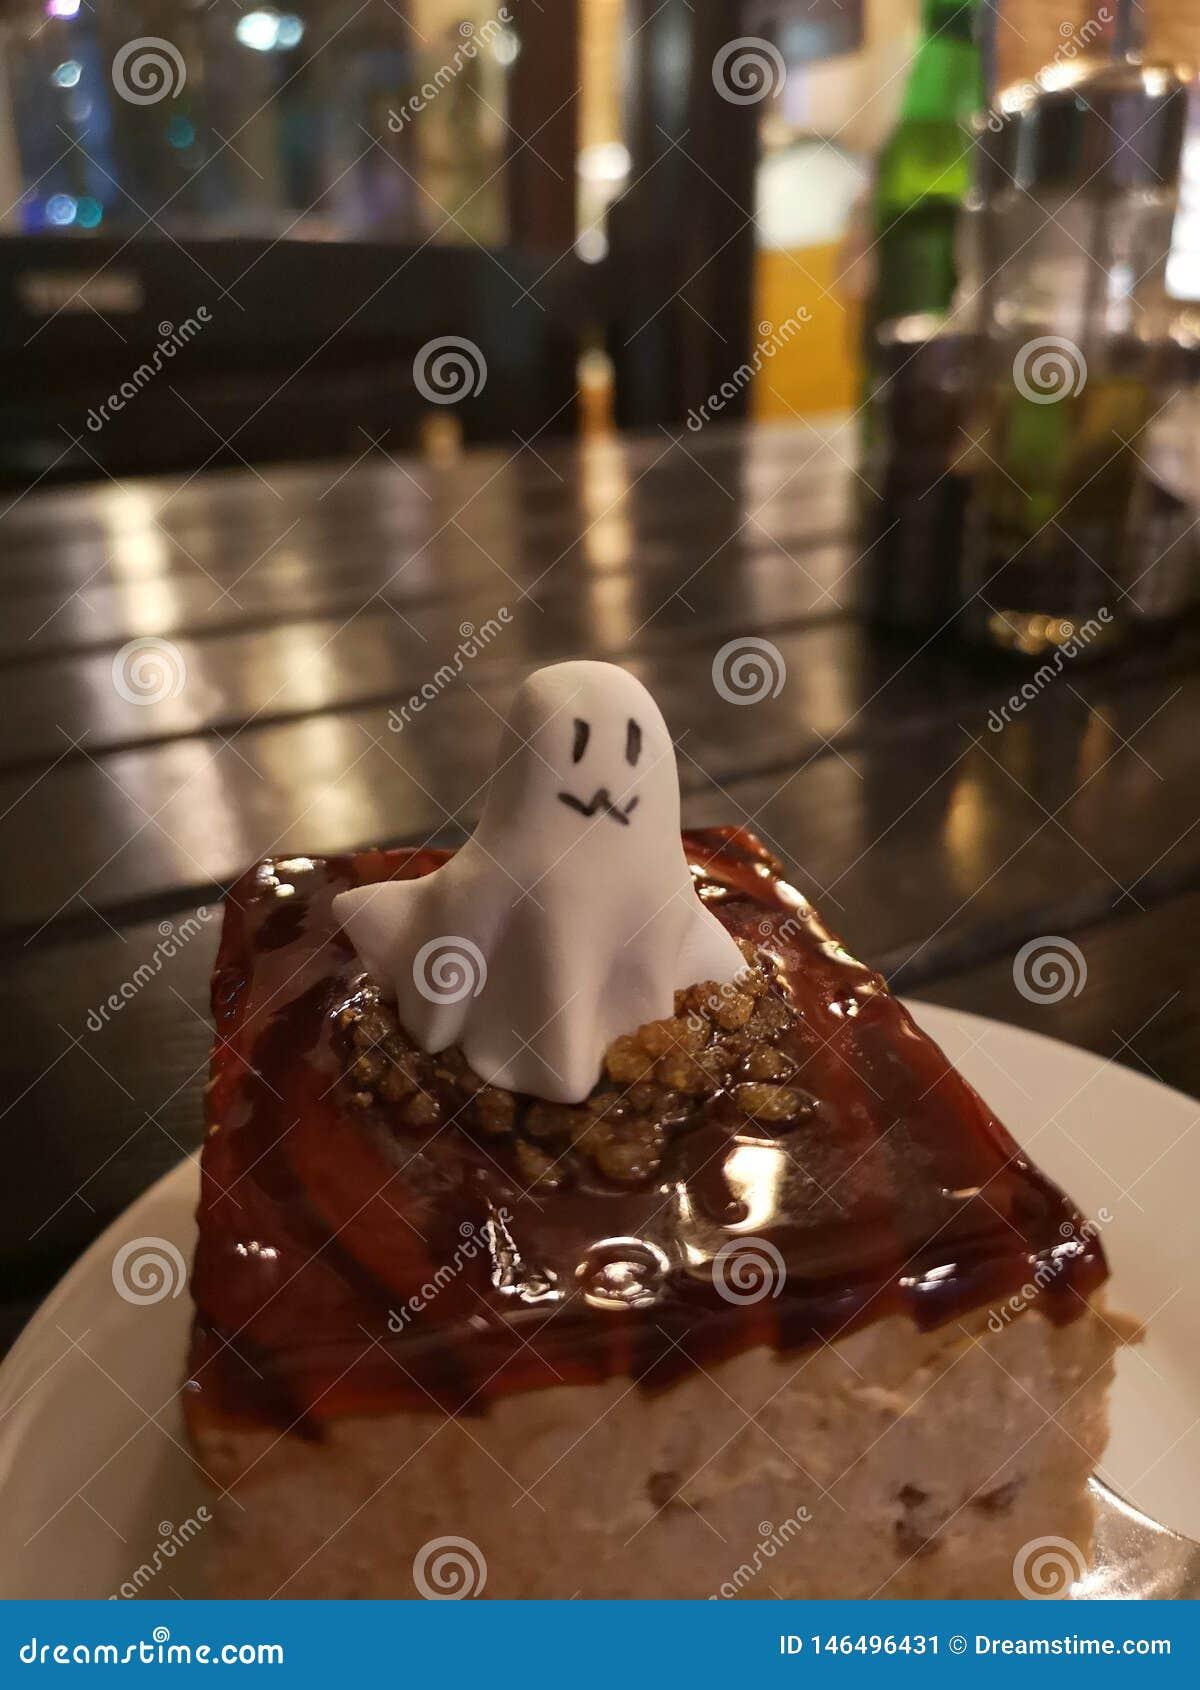 万圣节幽灵蛋糕